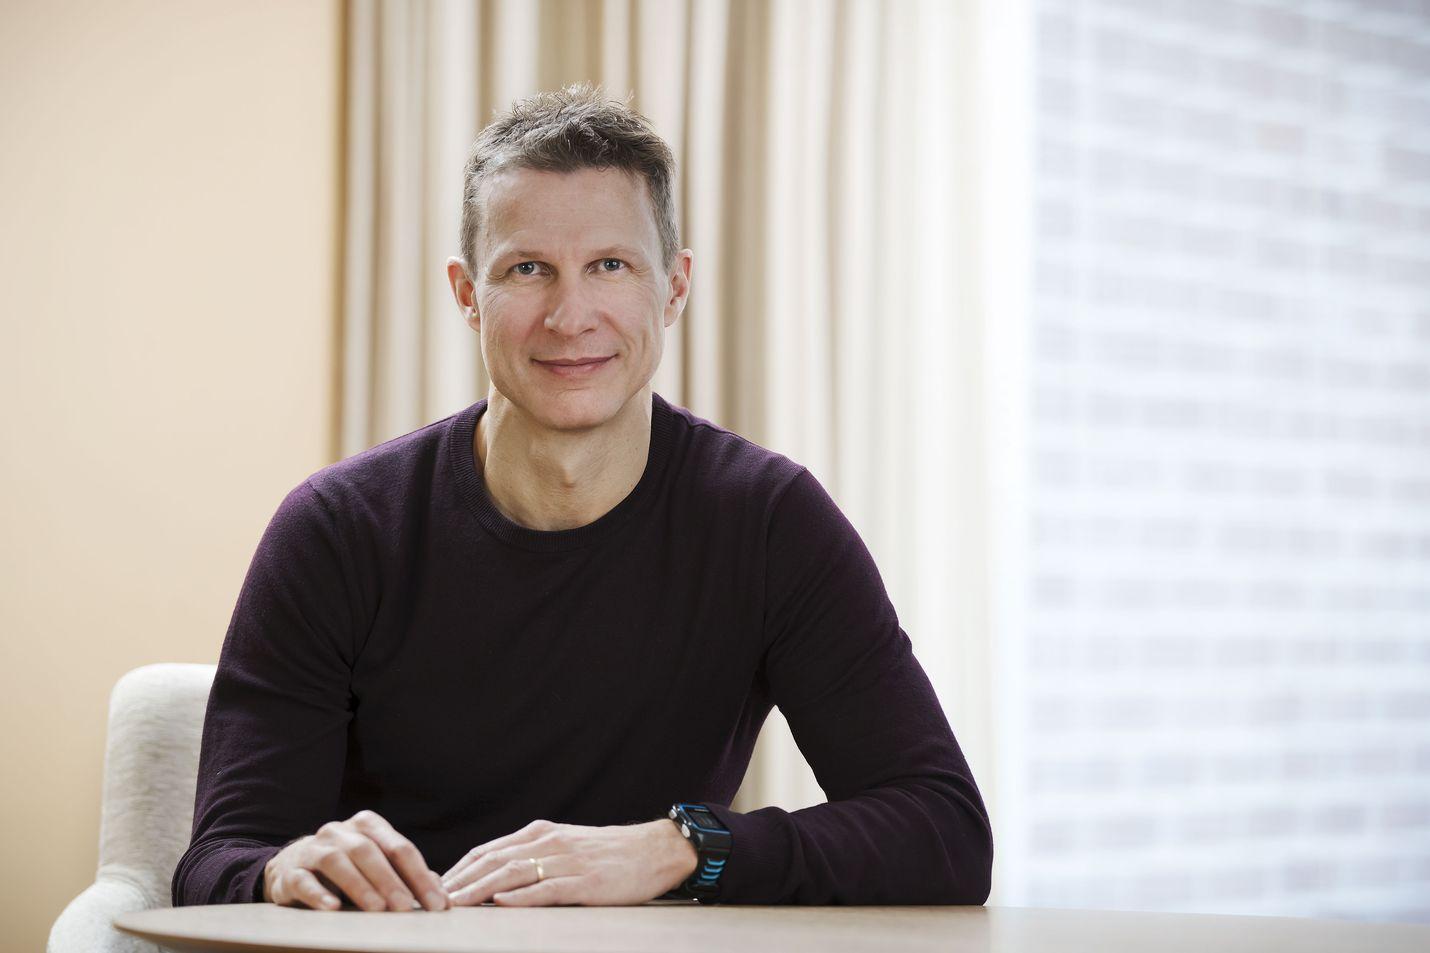 Lännen Media pyysi Attendon toimitusjohtajalta Pertti Karjalaiselta kommentteja Jalavan toimintaan liittyen. Yhtiön viestintä antoi kysymyksiin vastaukset keskiviikkona.